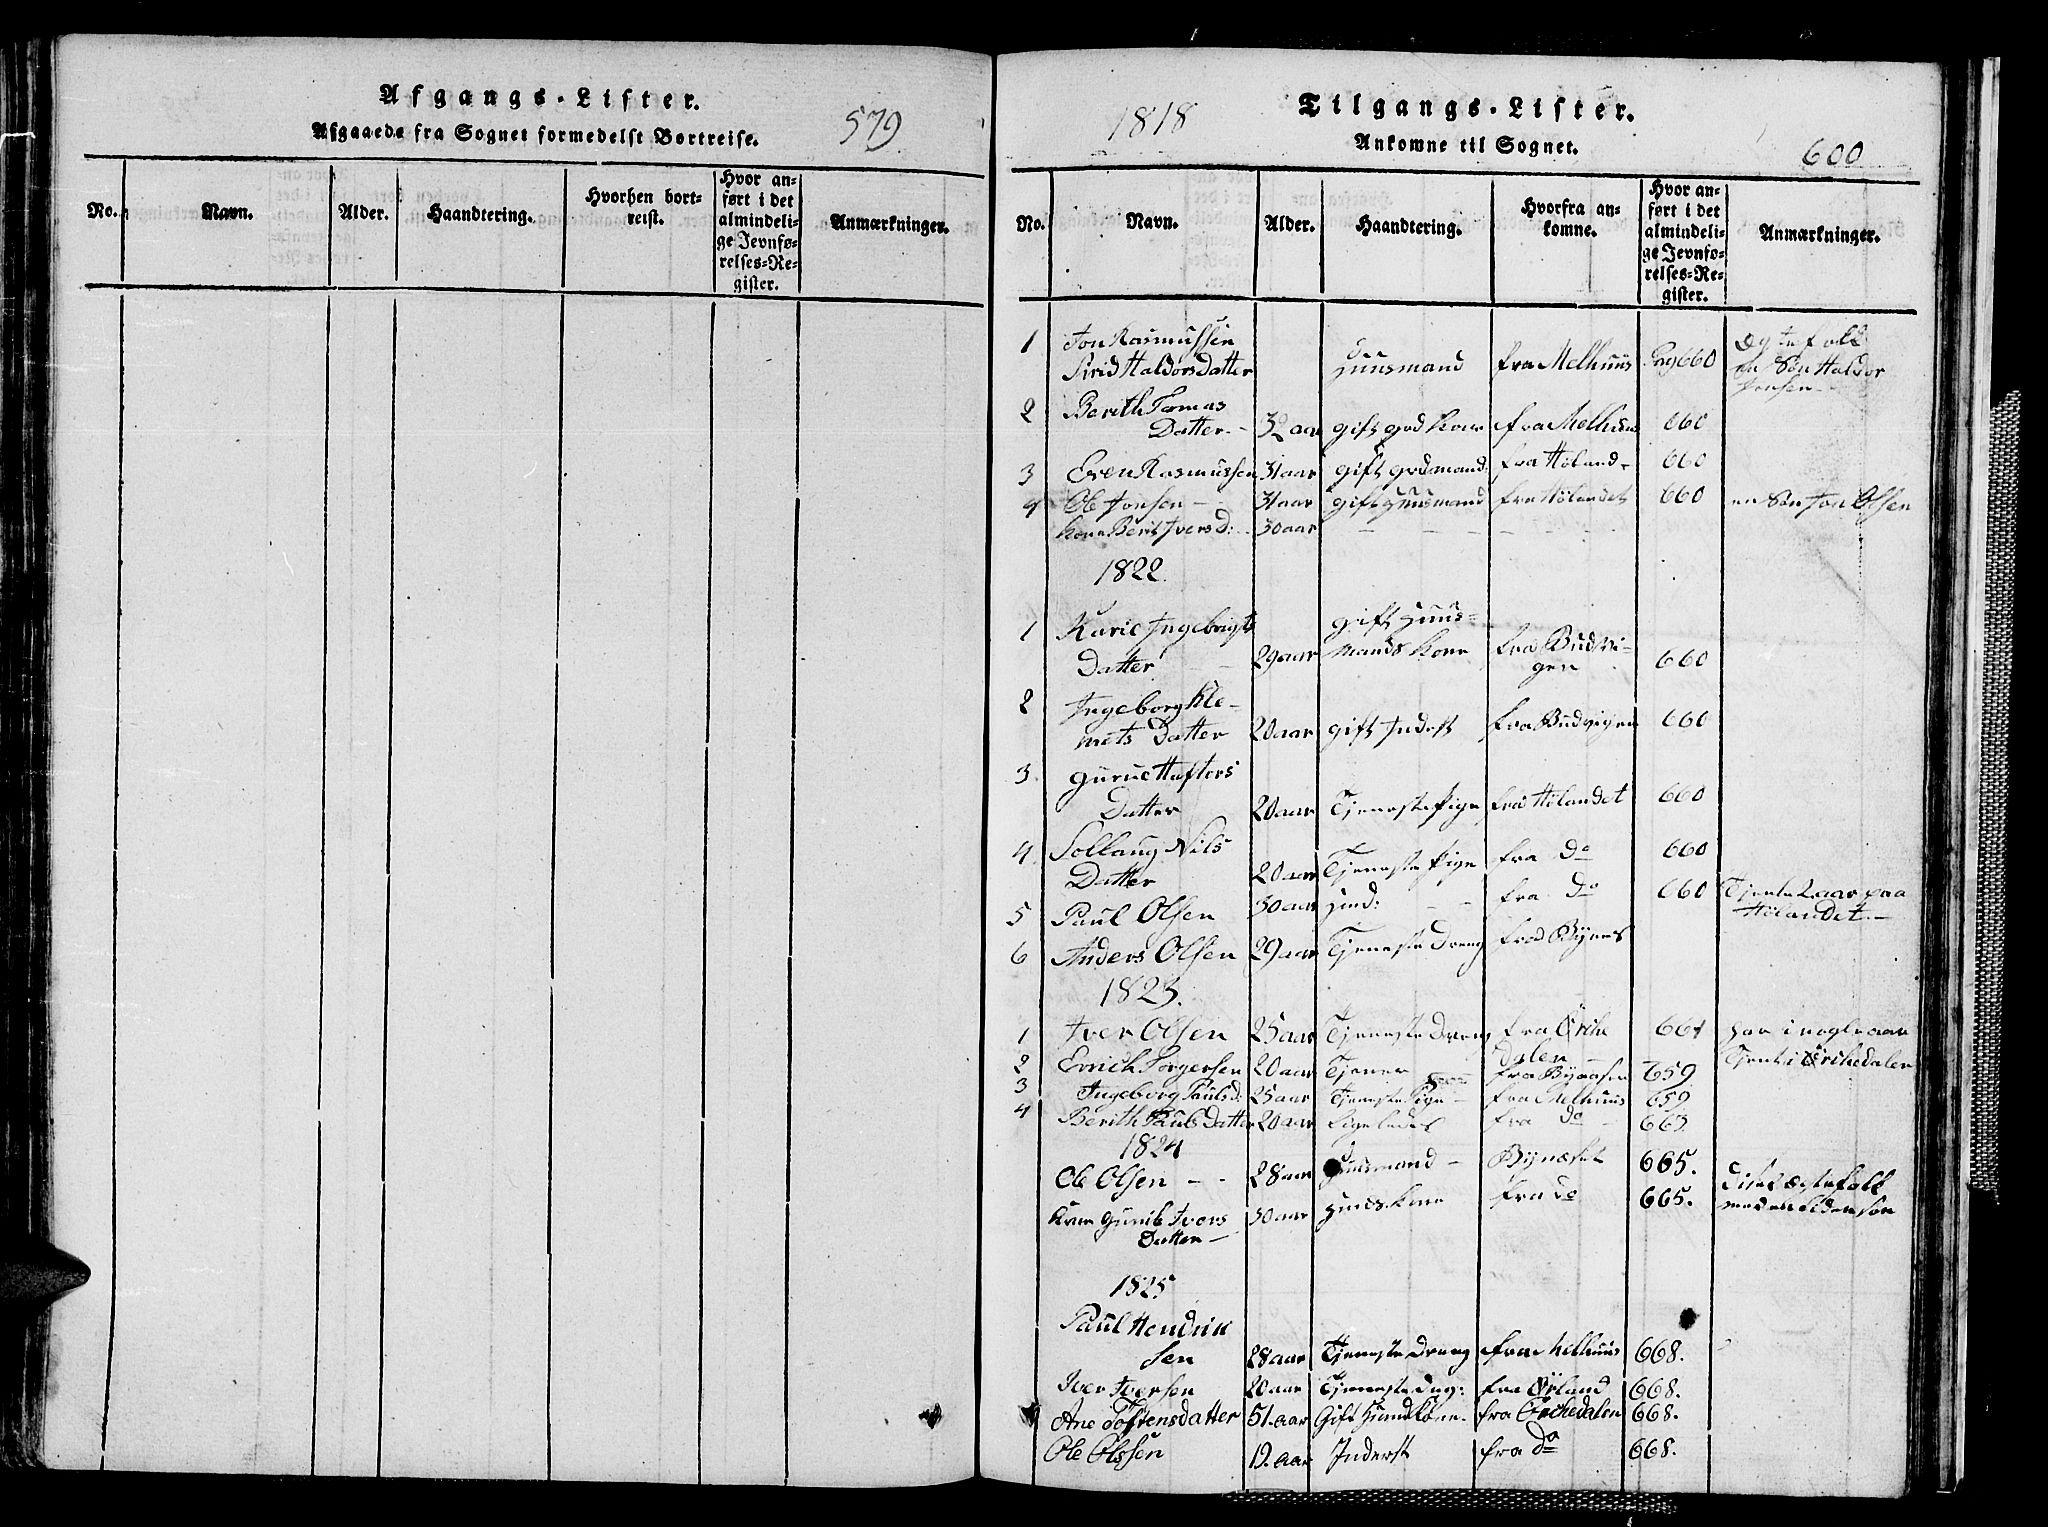 SAT, Ministerialprotokoller, klokkerbøker og fødselsregistre - Sør-Trøndelag, 667/L0796: Klokkerbok nr. 667C01, 1817-1836, s. 579-600